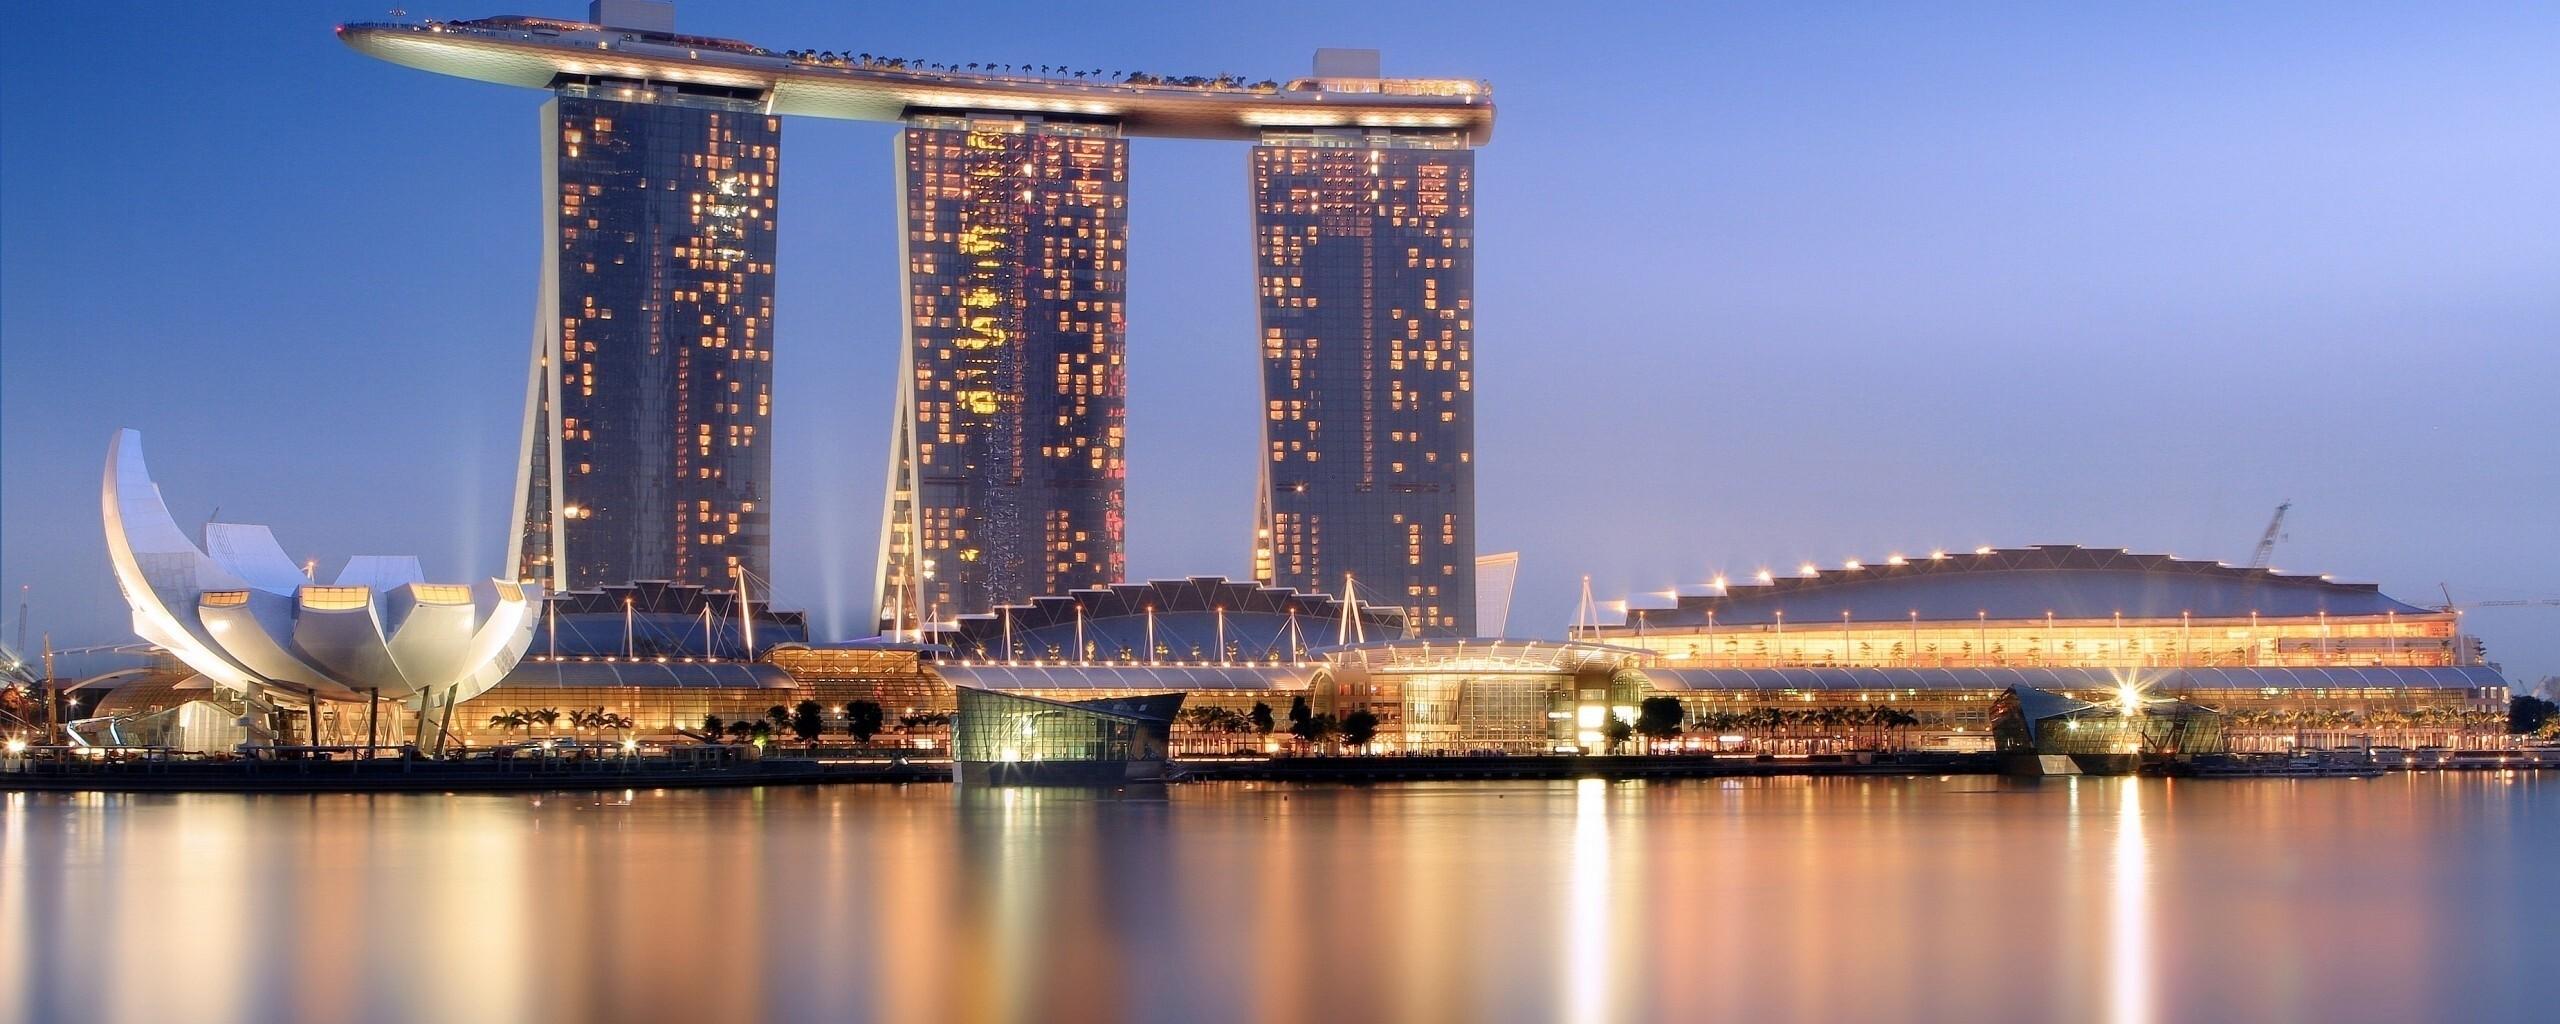 singapore-skycrapper-pic.jpg